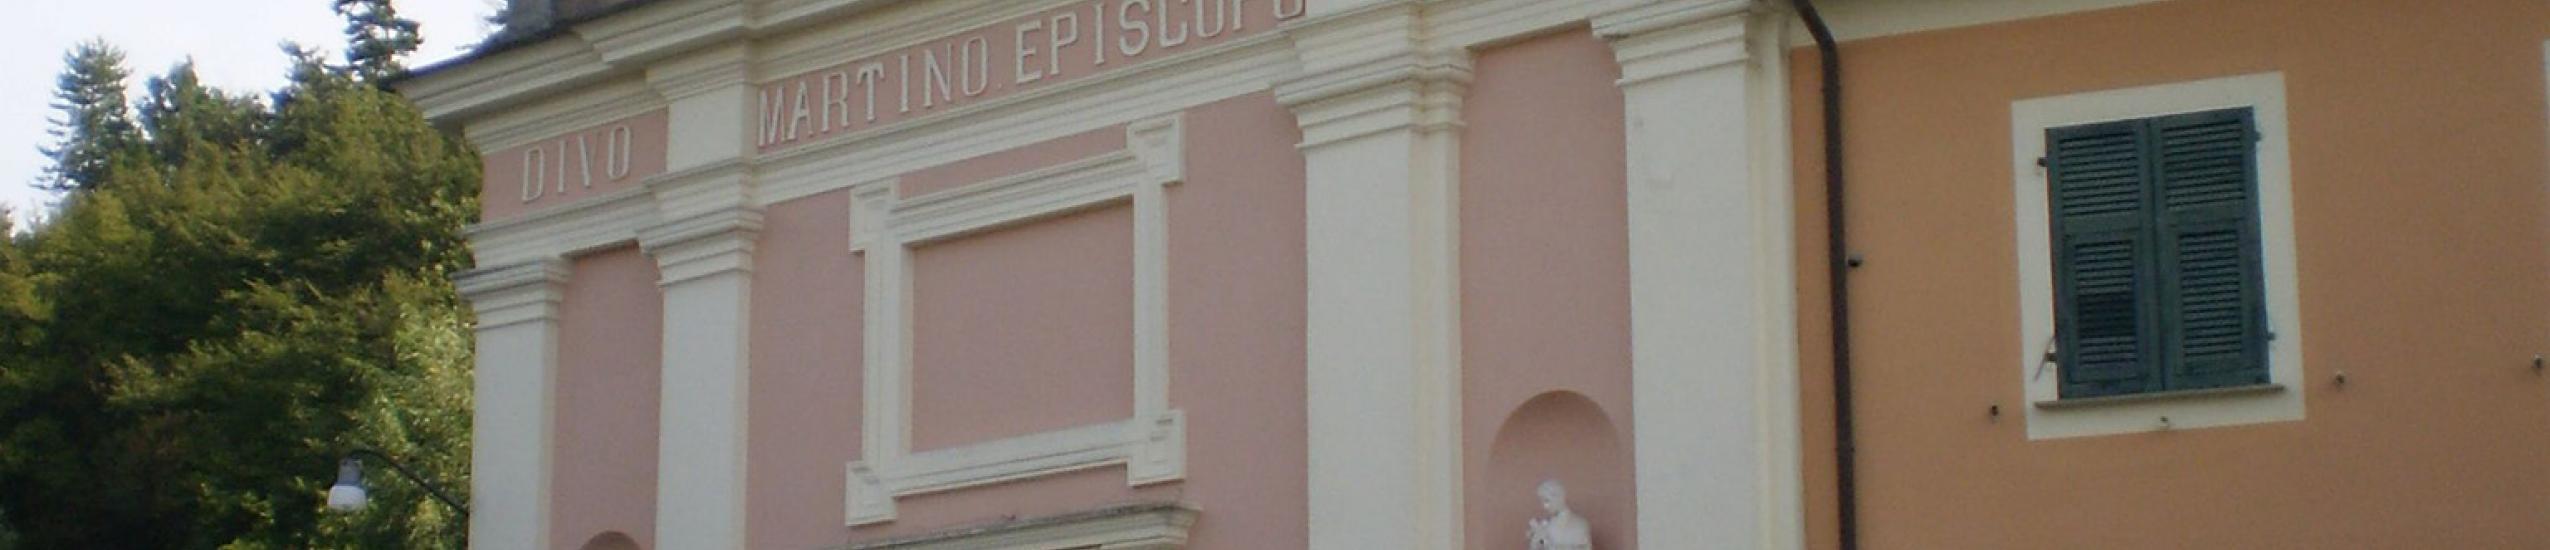 Vista della facciata principale